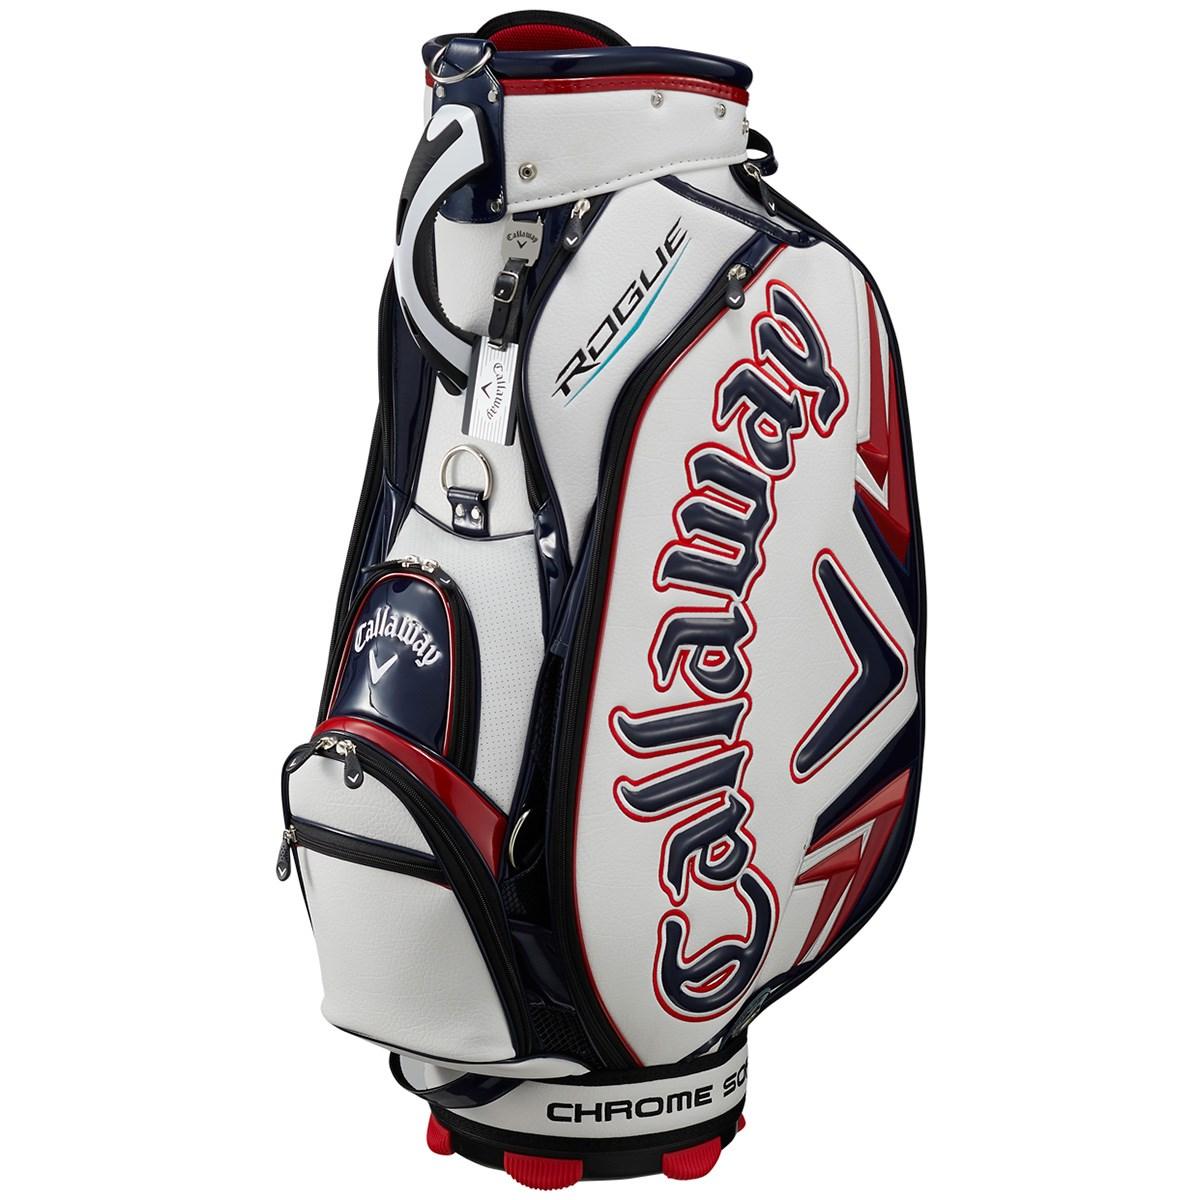 キャロウェイゴルフ(Callaway Golf) CRT TOUR キャディバッグ 18JM